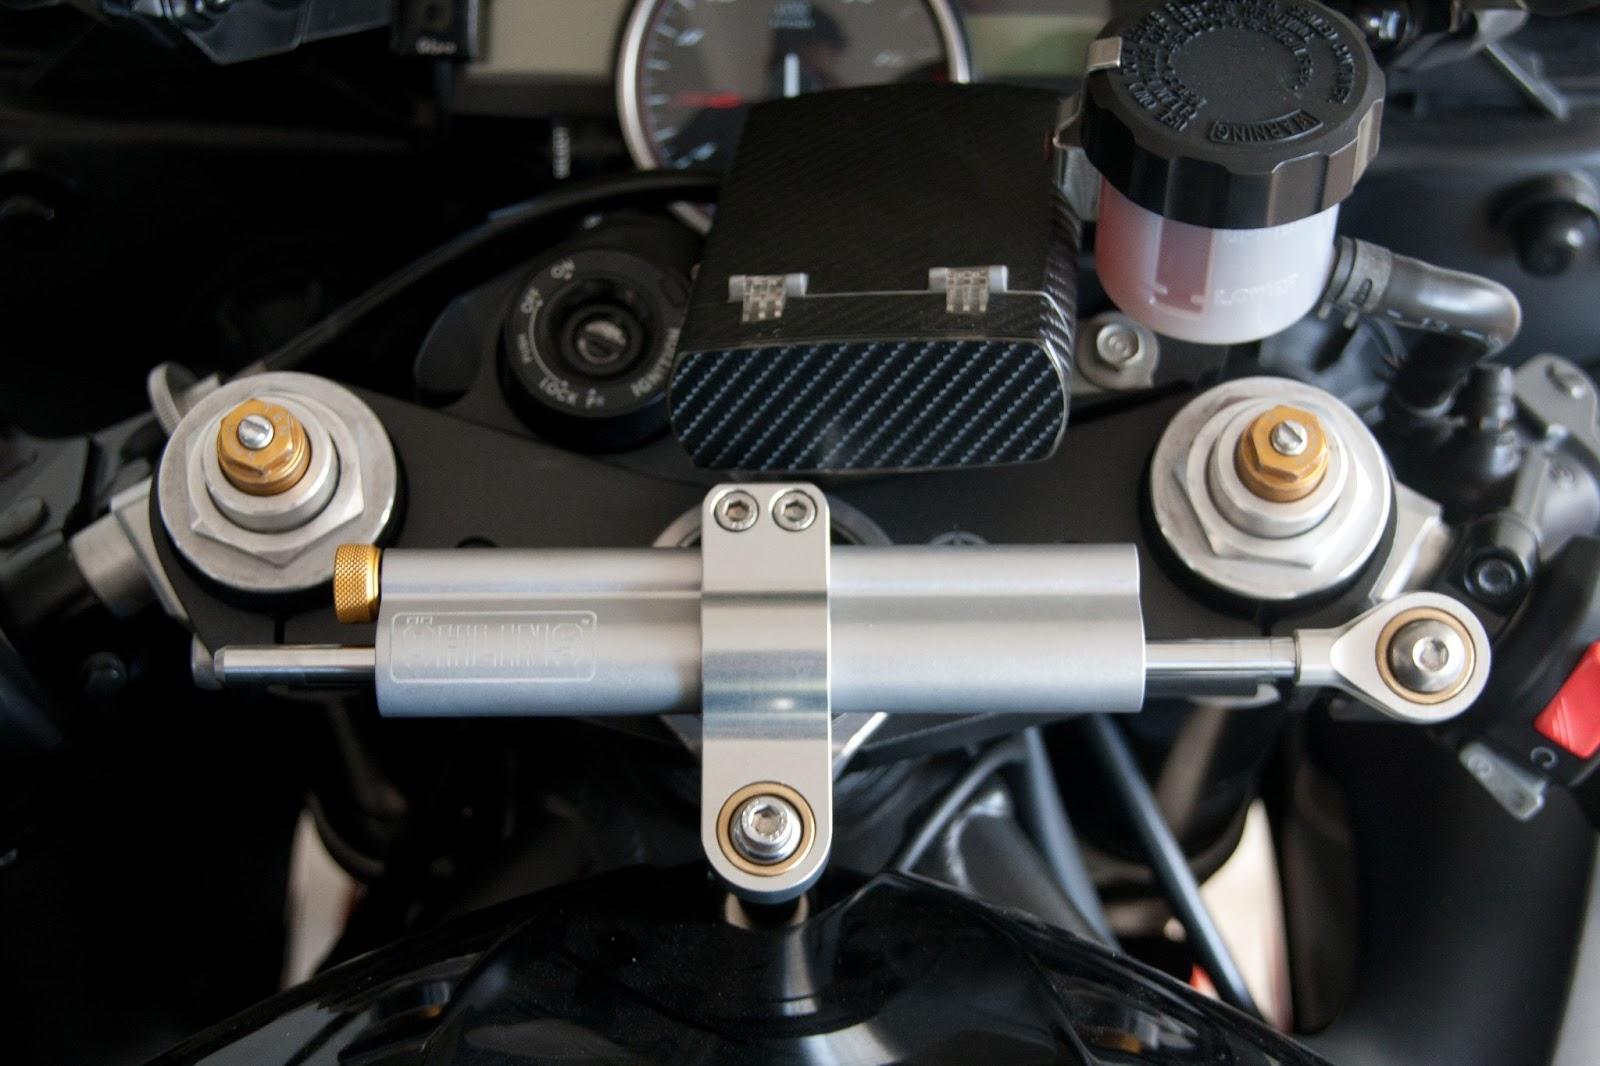 ohlins steering damper instructions